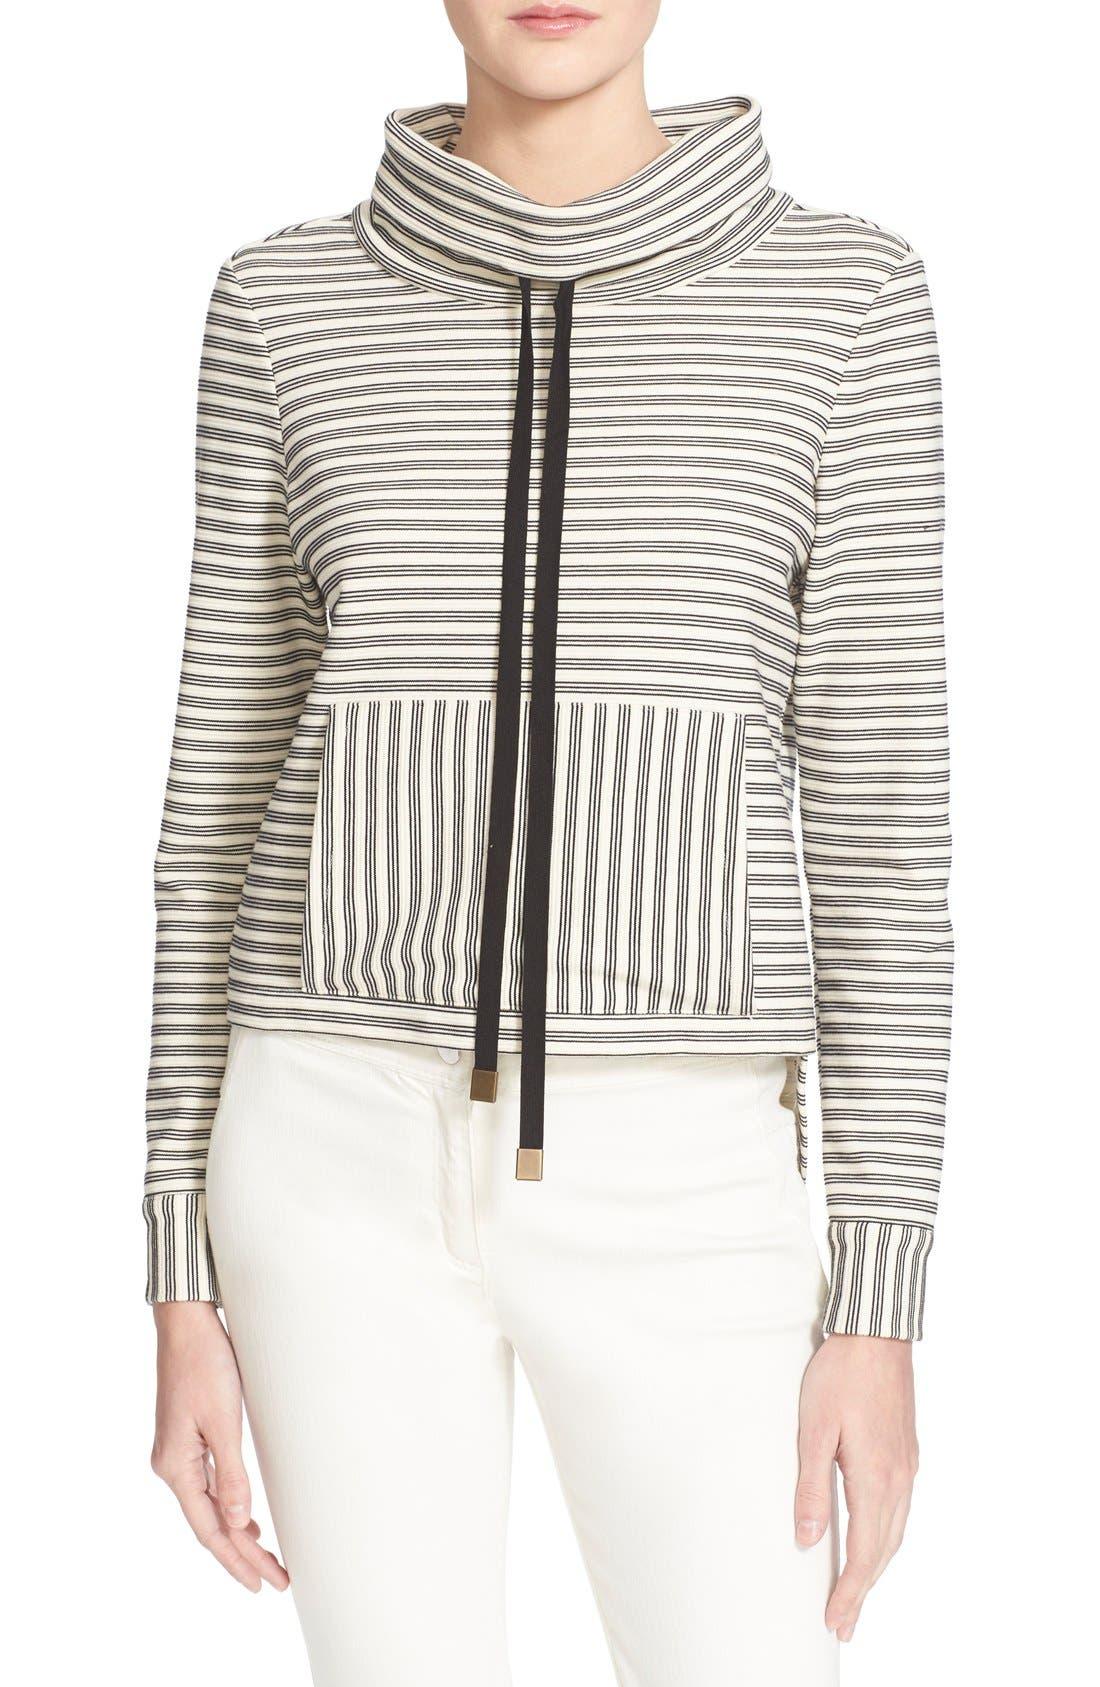 'La Brea' Funnel Neck Sweatshirt, Main, color, 100